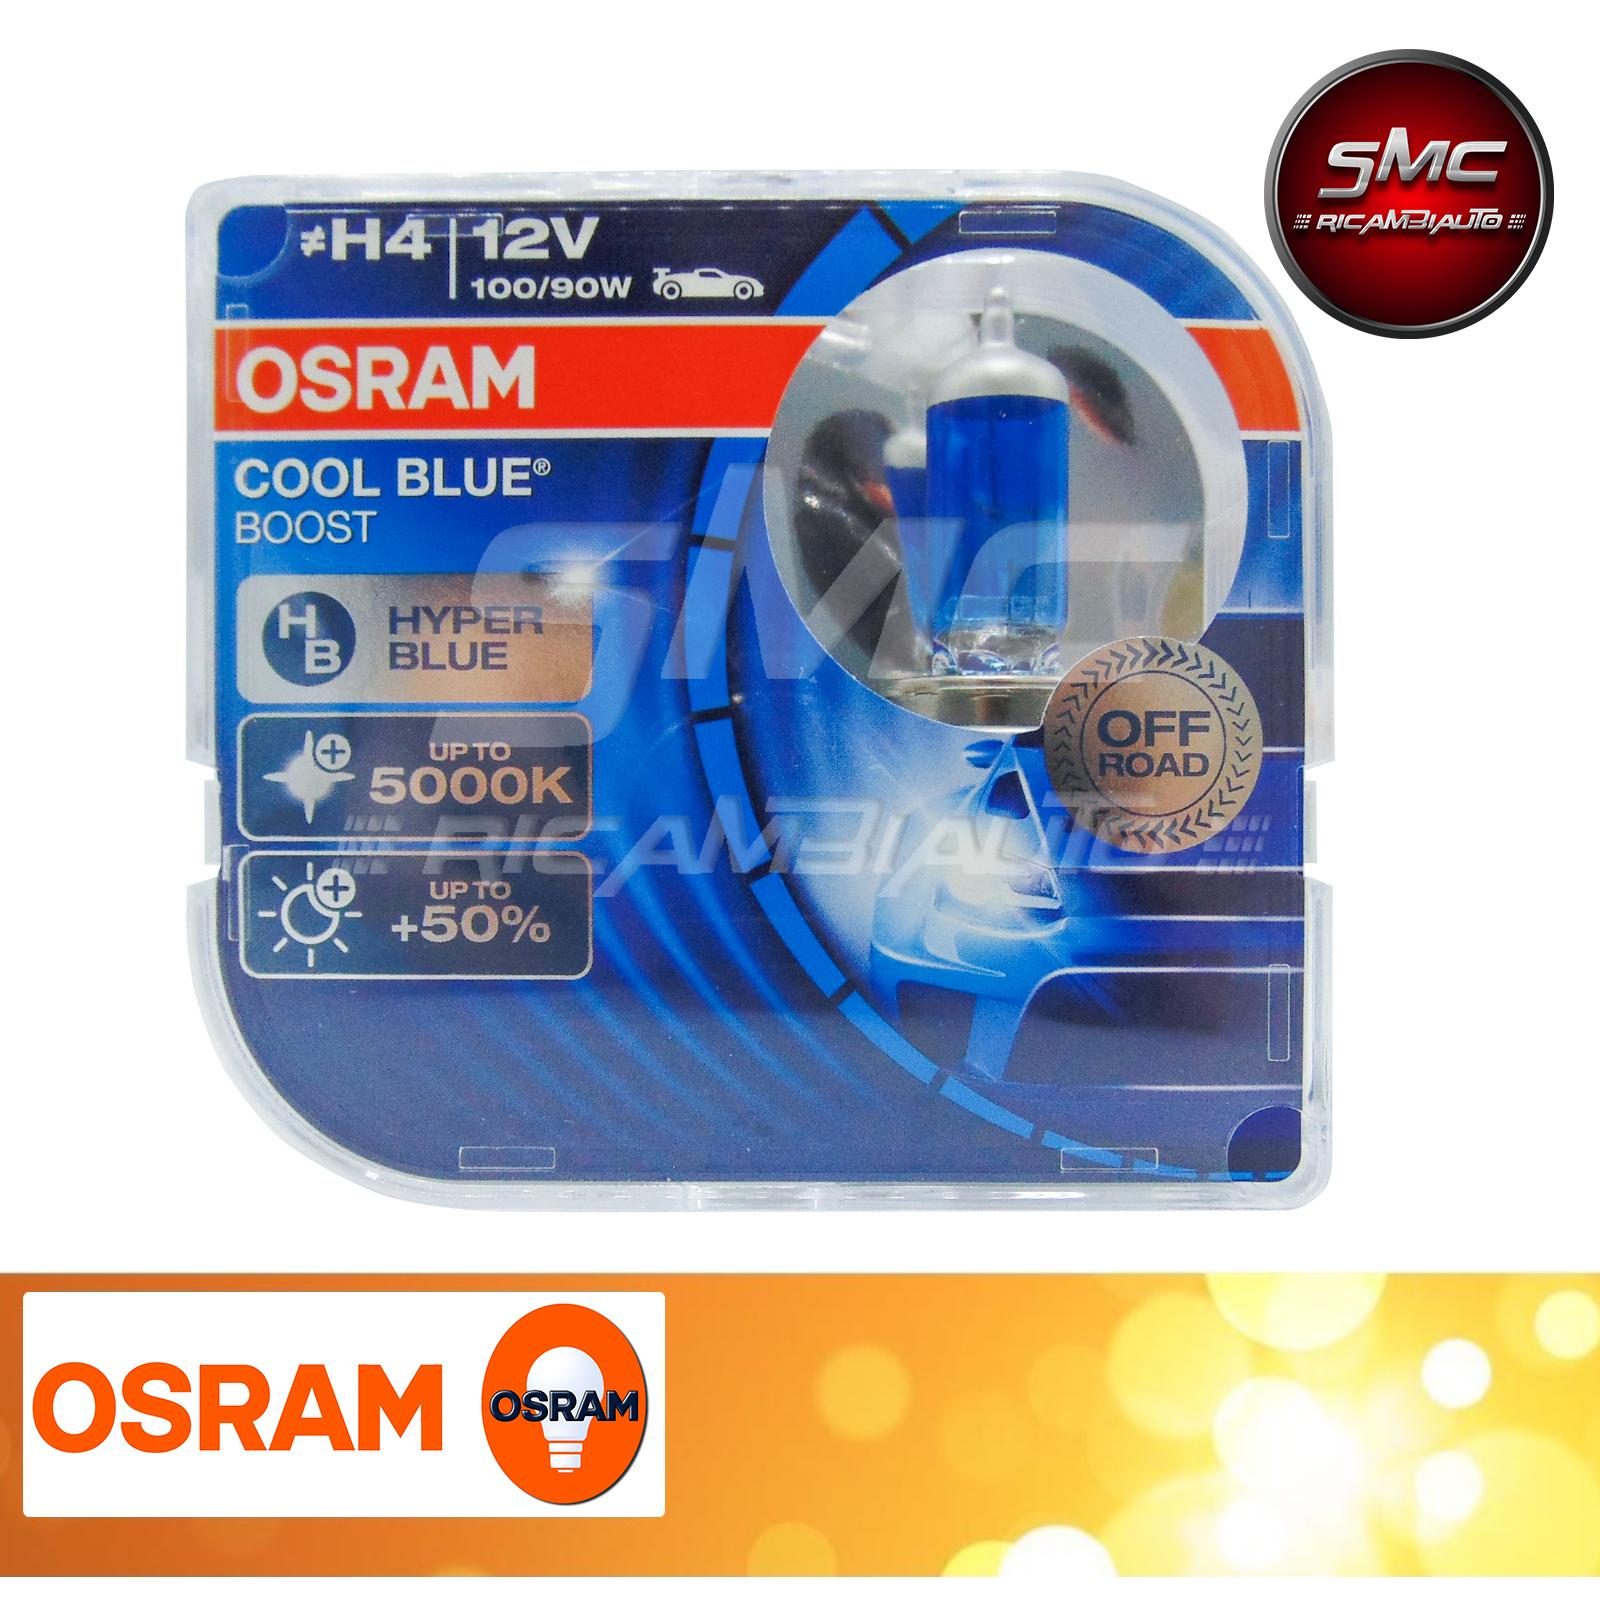 Nuove lampade osram h4 cool blue boost 5000k 12v 100 90w for Smc ricambi auto